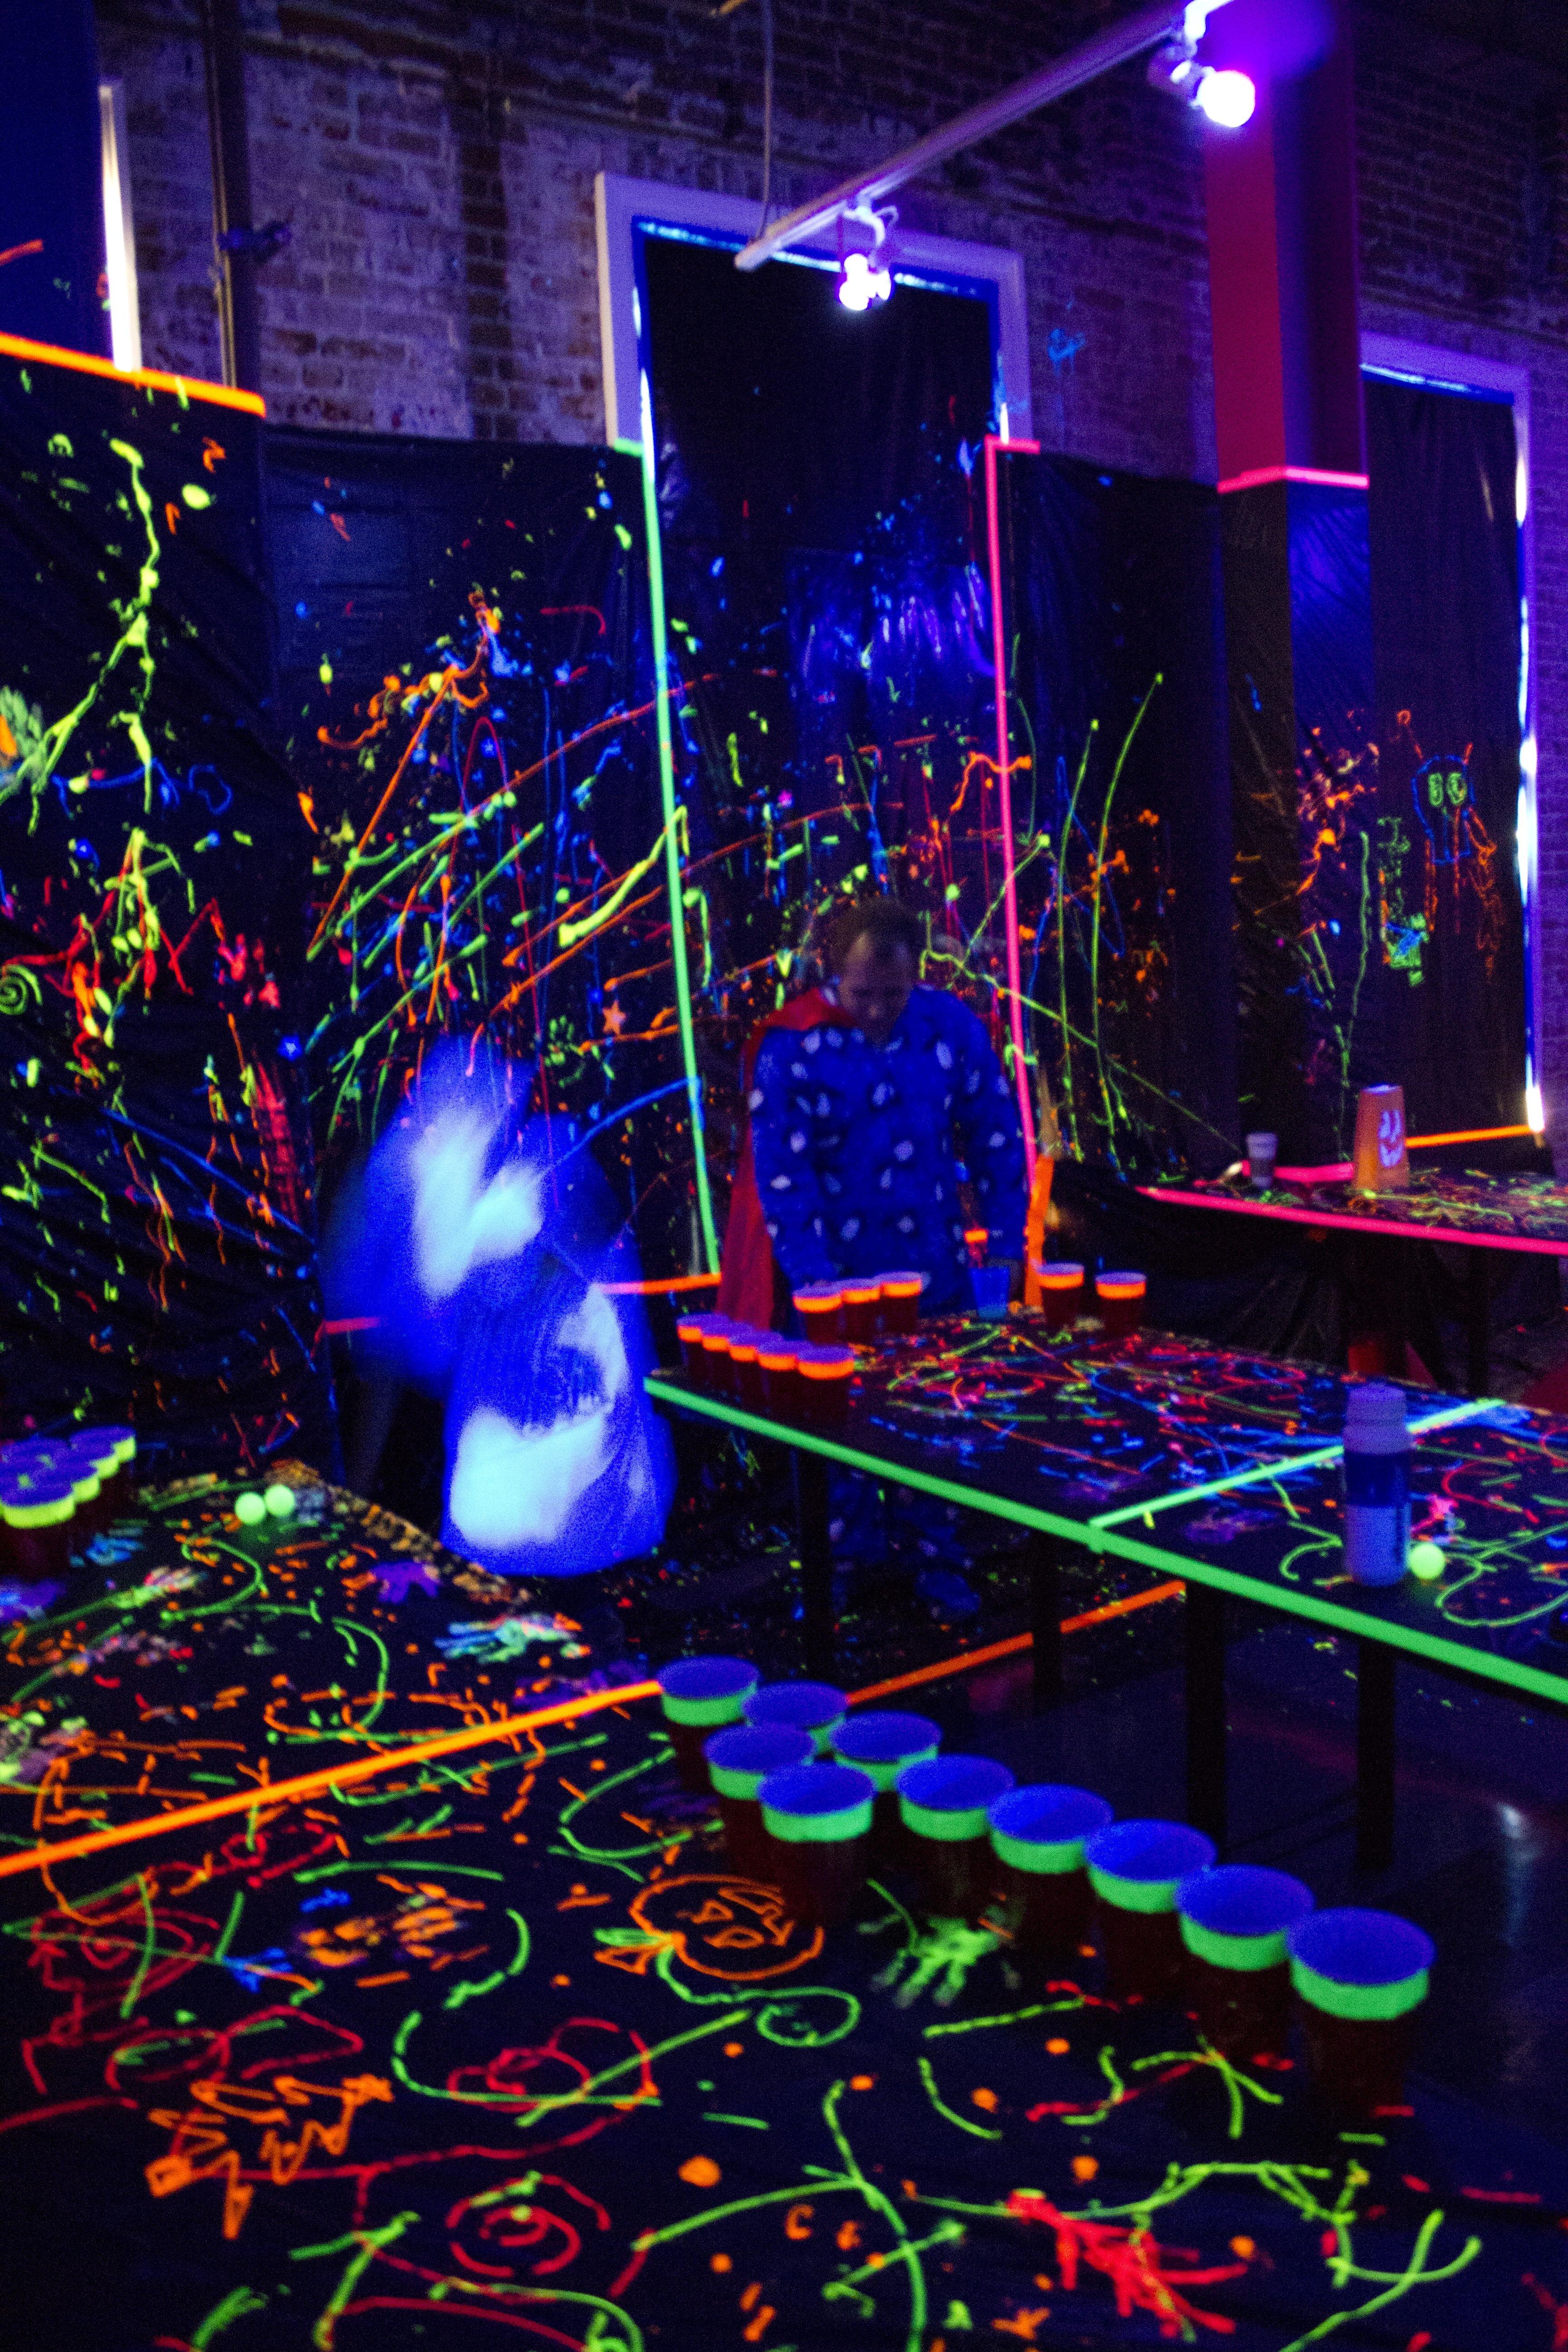 lighting for parties ideas. Neon Lights Bedroom Party Lighting For Parties Ideas